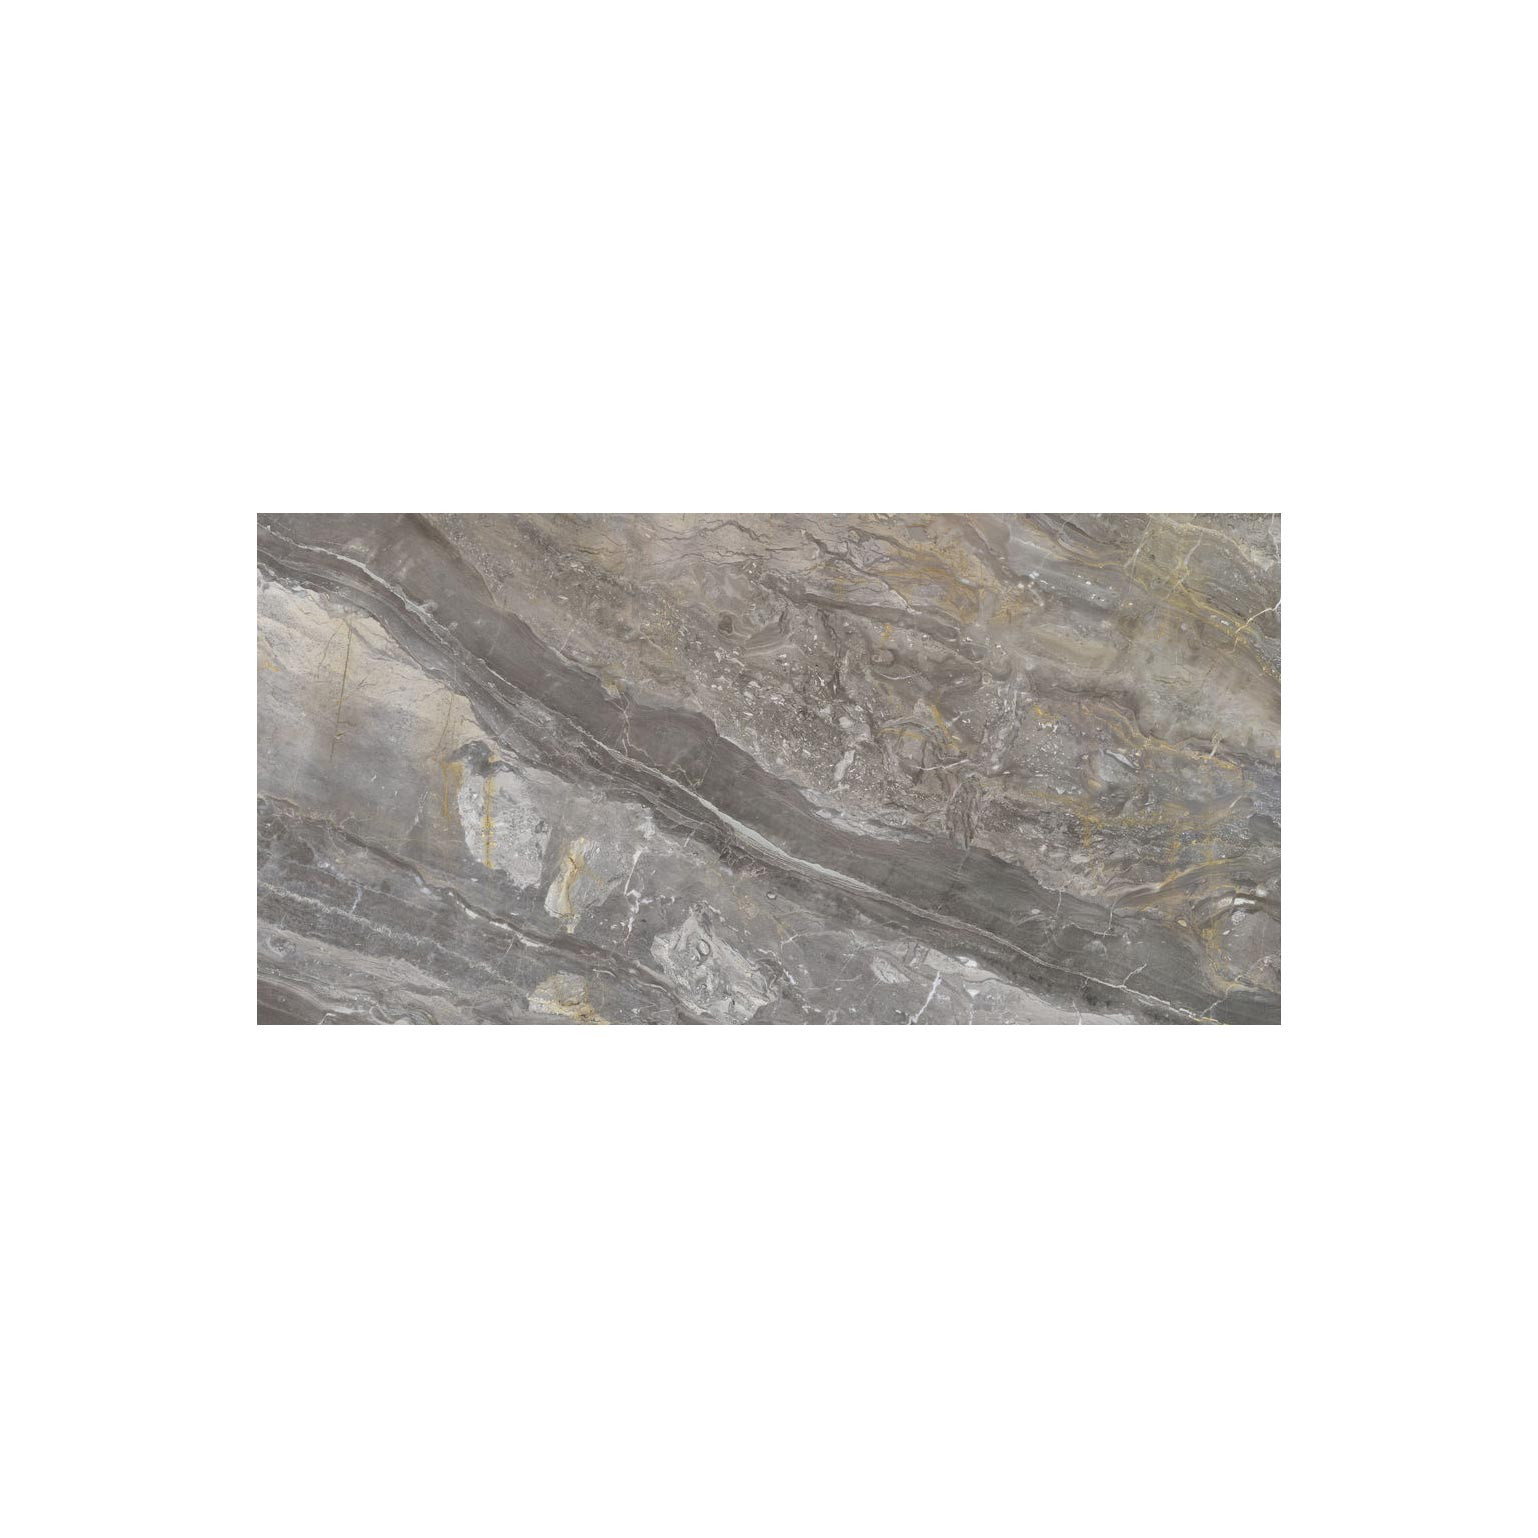 Carrelage sol et mur poli aspect marbre Luxury Beige 60x120 cm rectifié